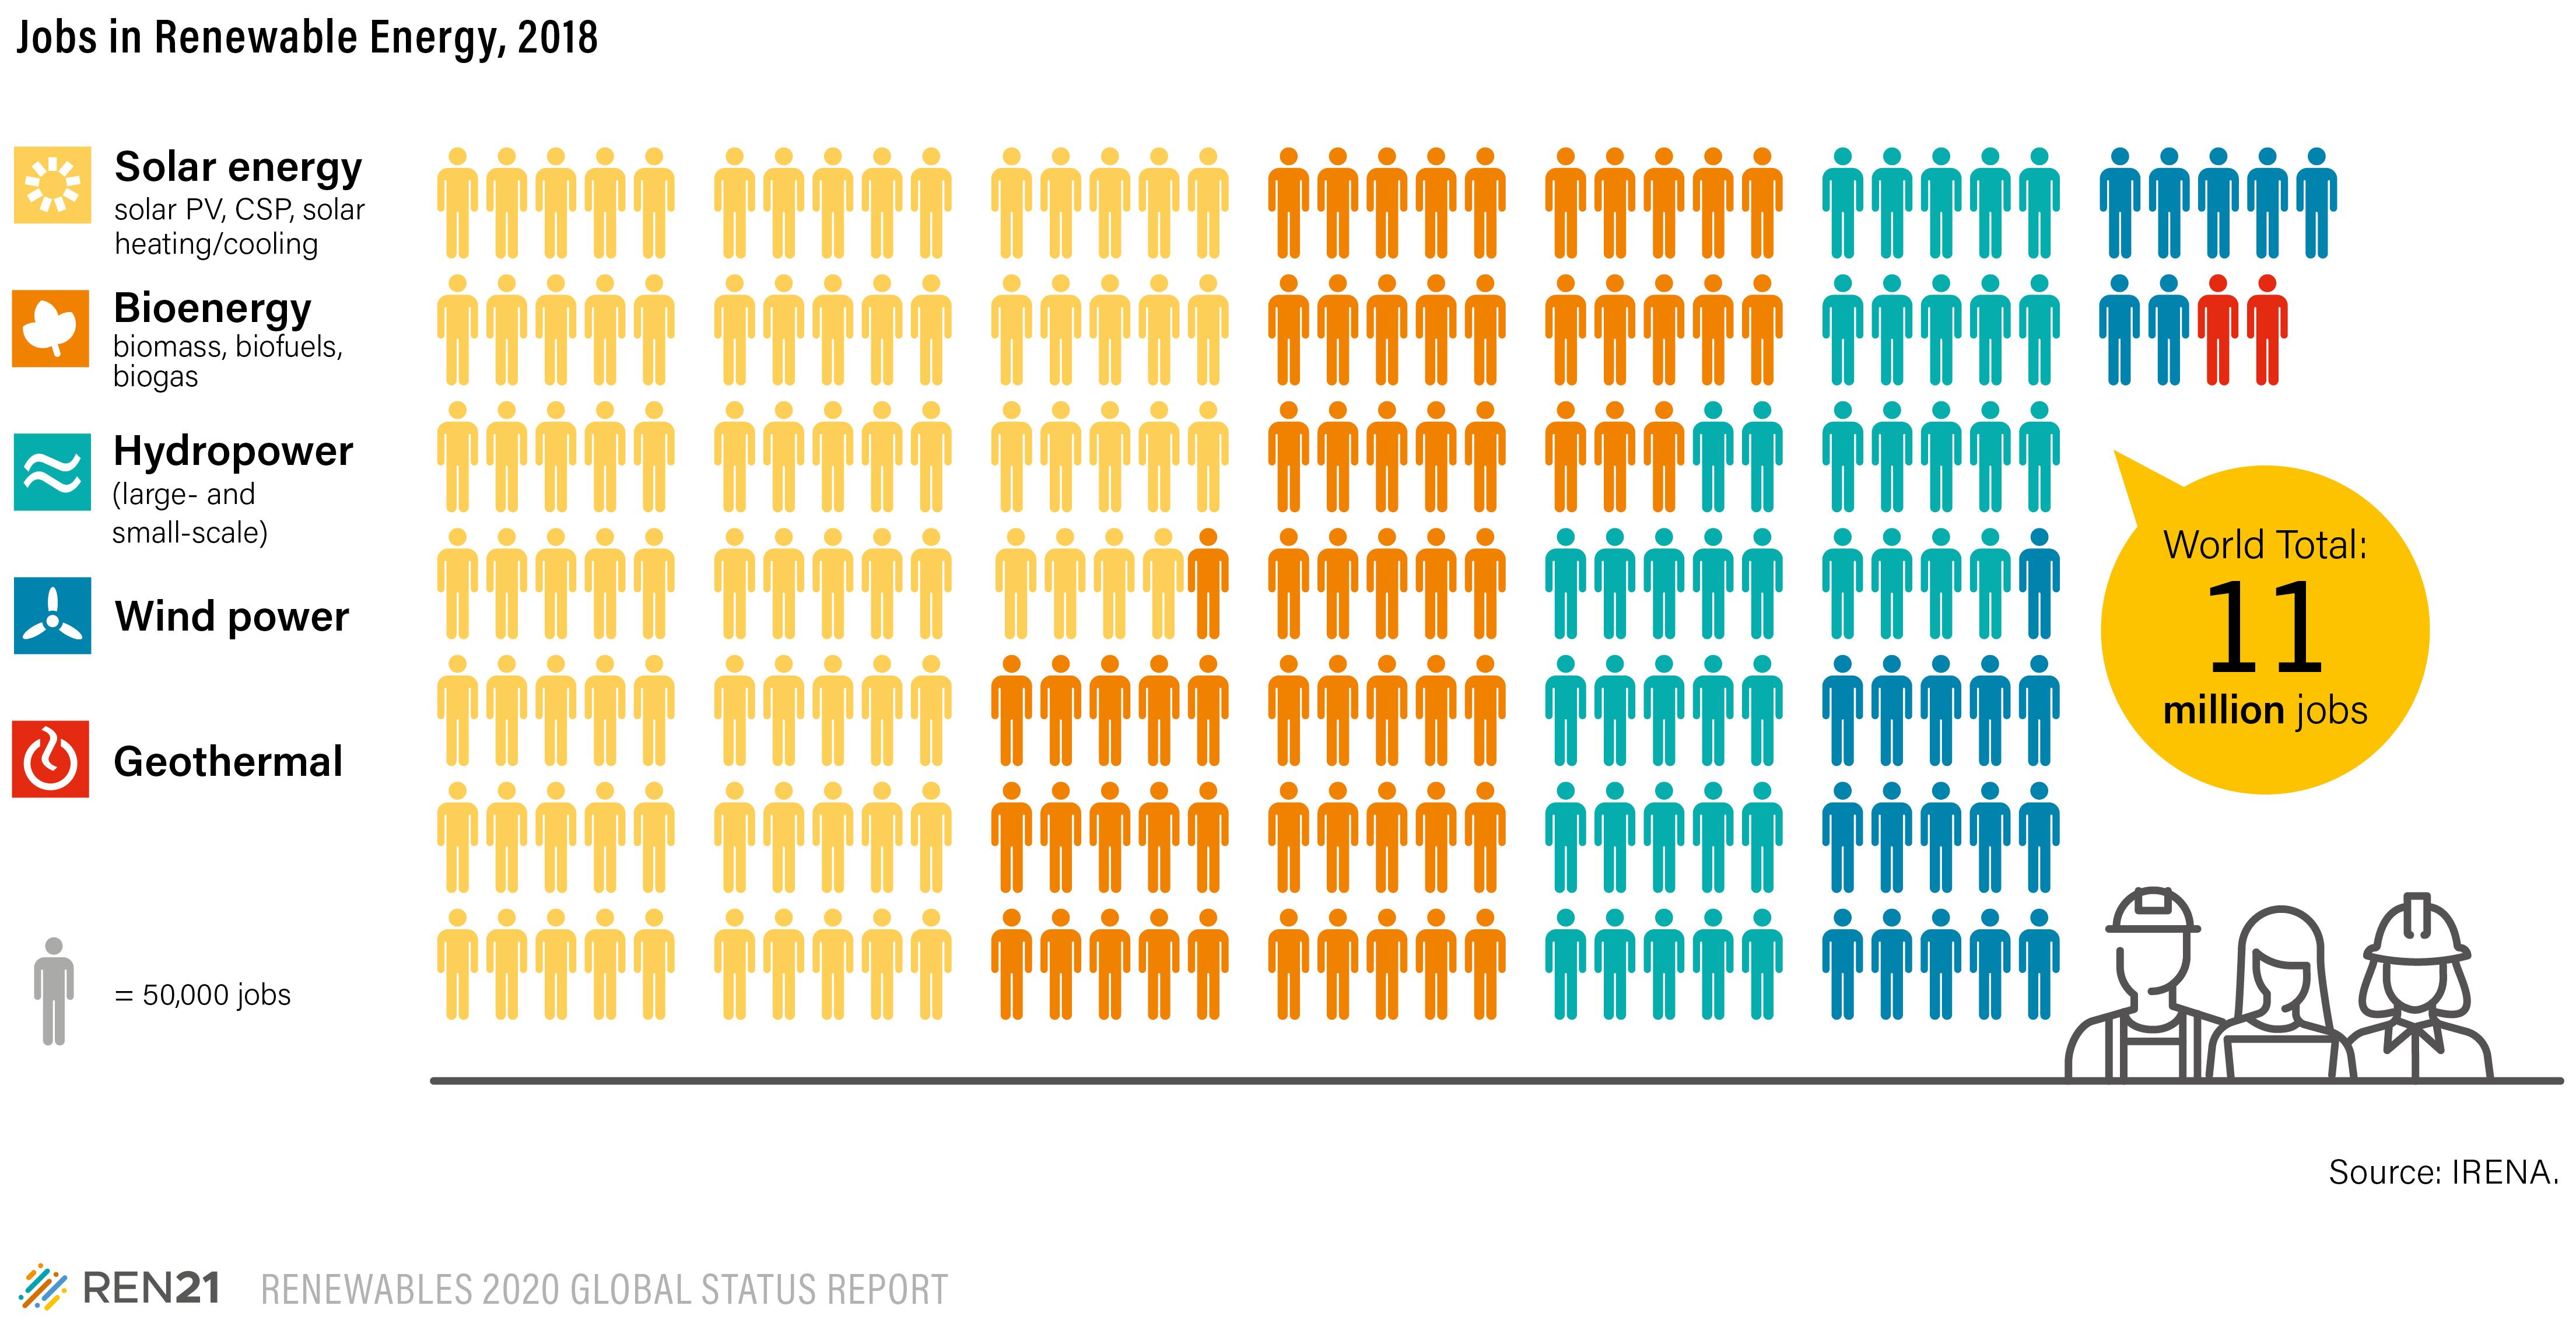 Мировой рынок труда в секторе ВИЭ по источникам энергии